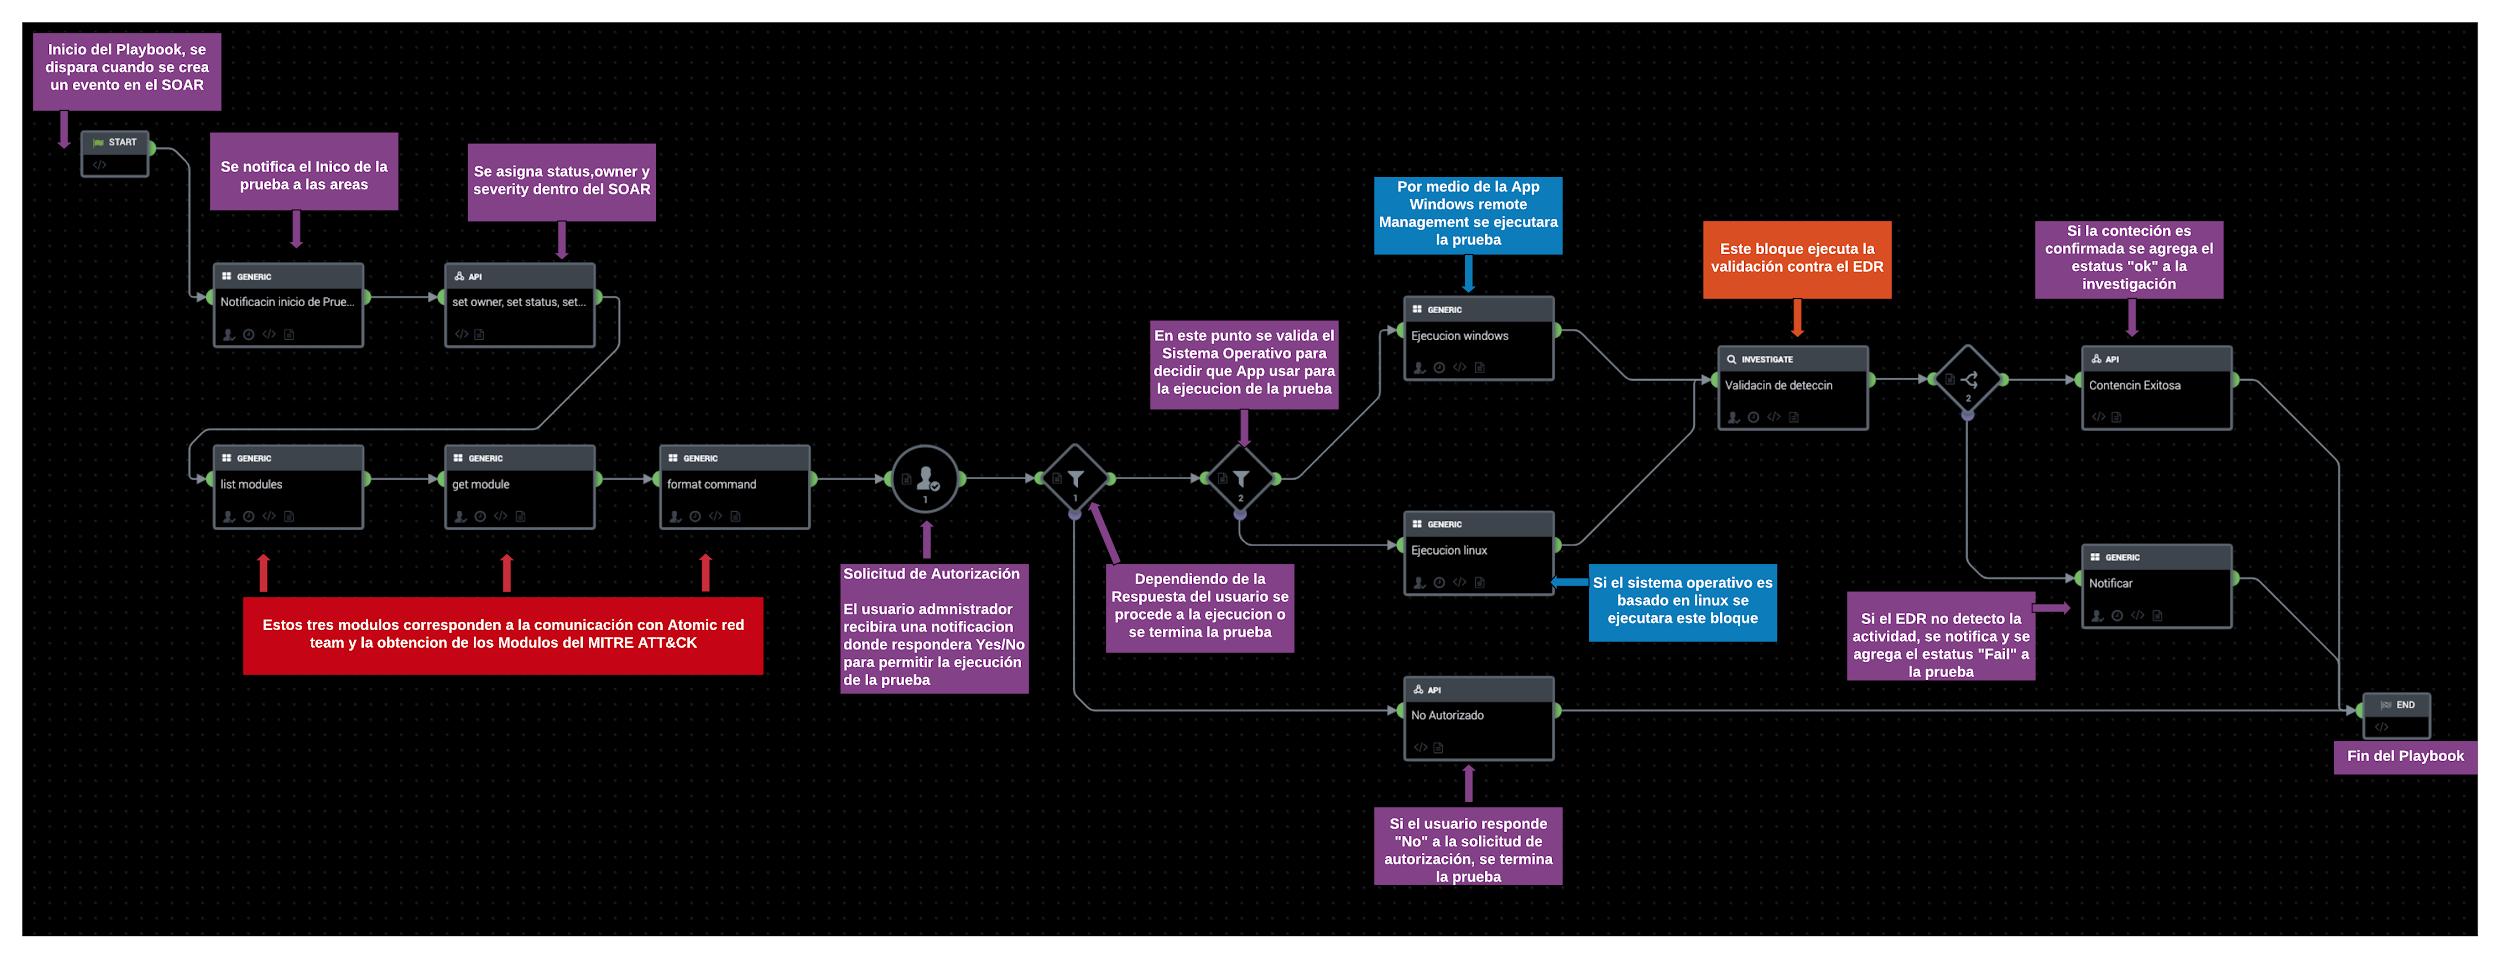 Playbook de automatización de emulación de adversarios.